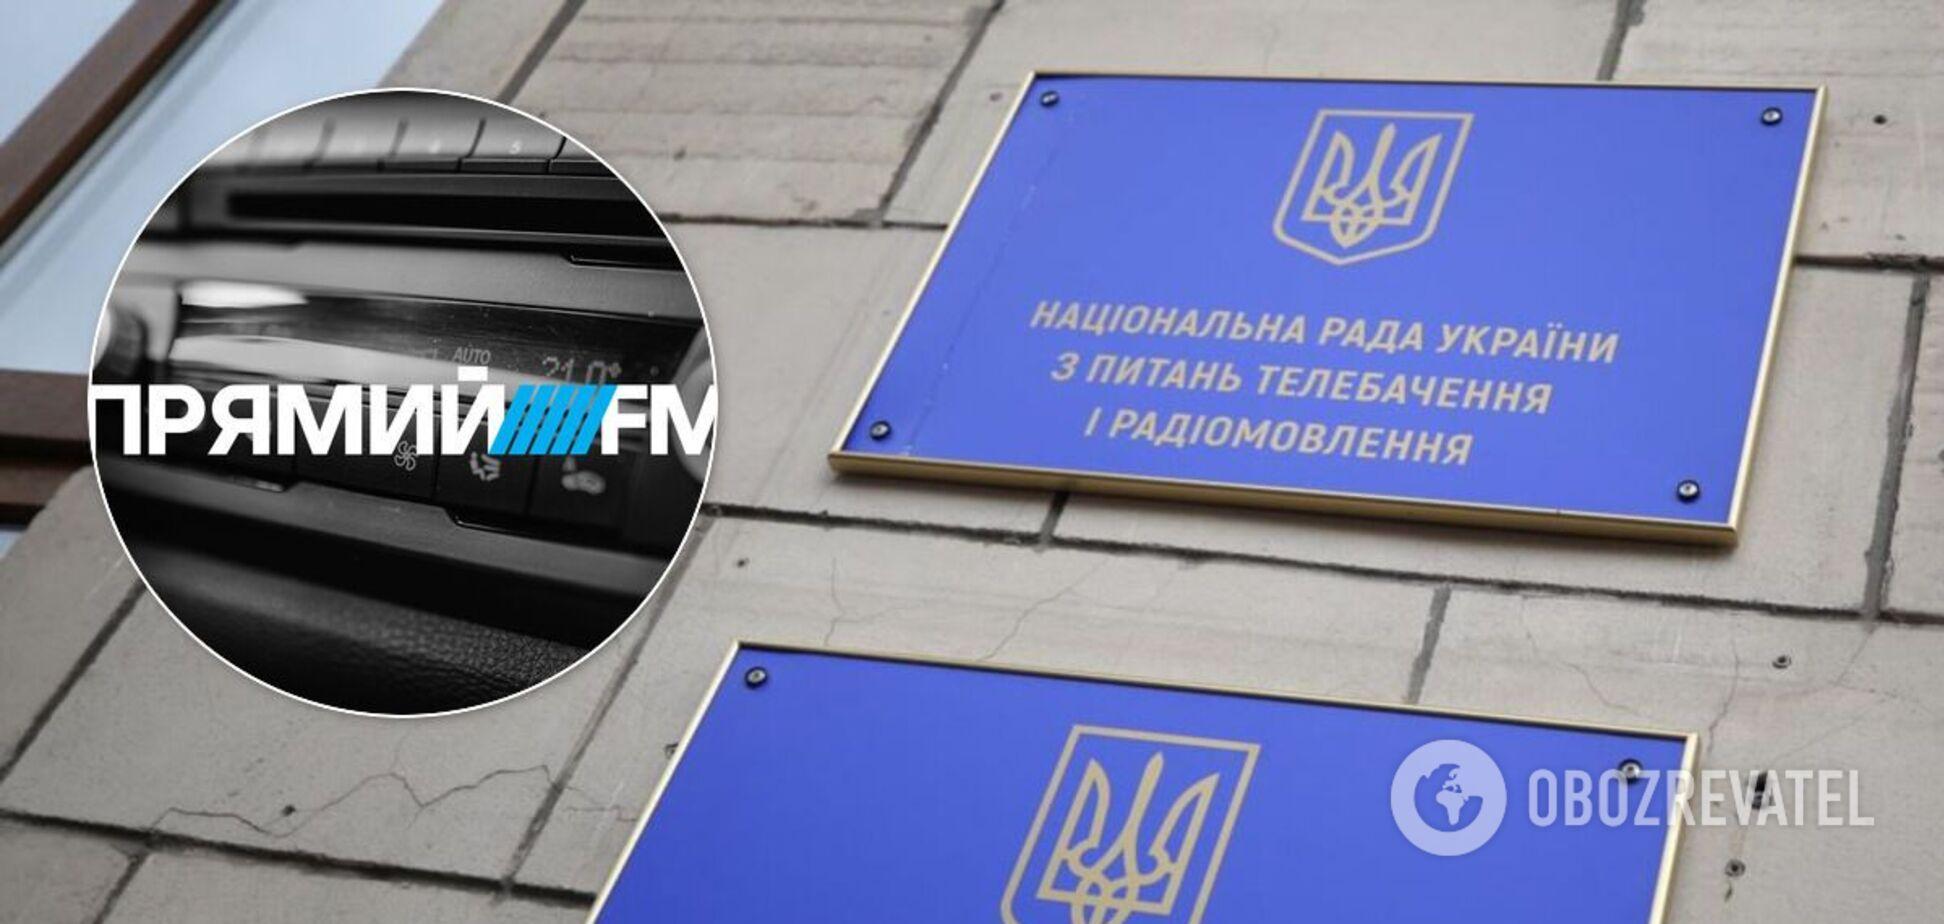 Прямий FM